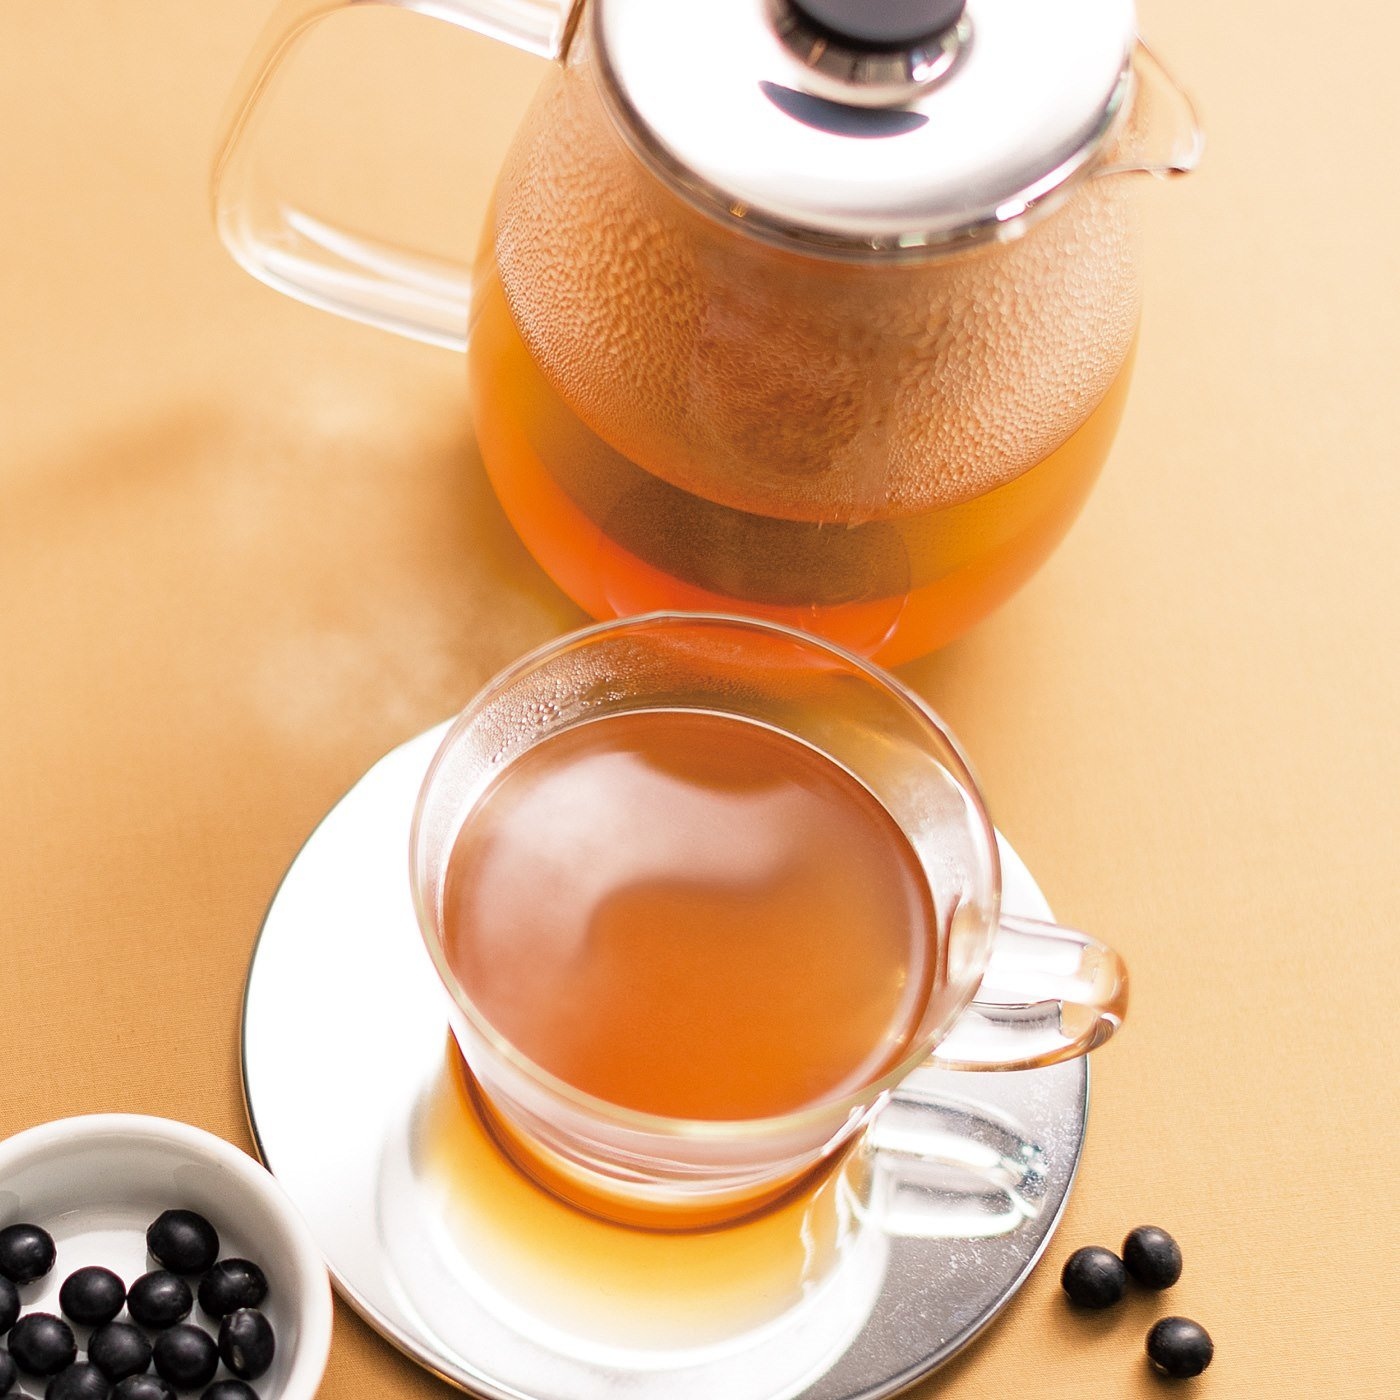 毎日すっきり習慣 濃い出し黒豆茶